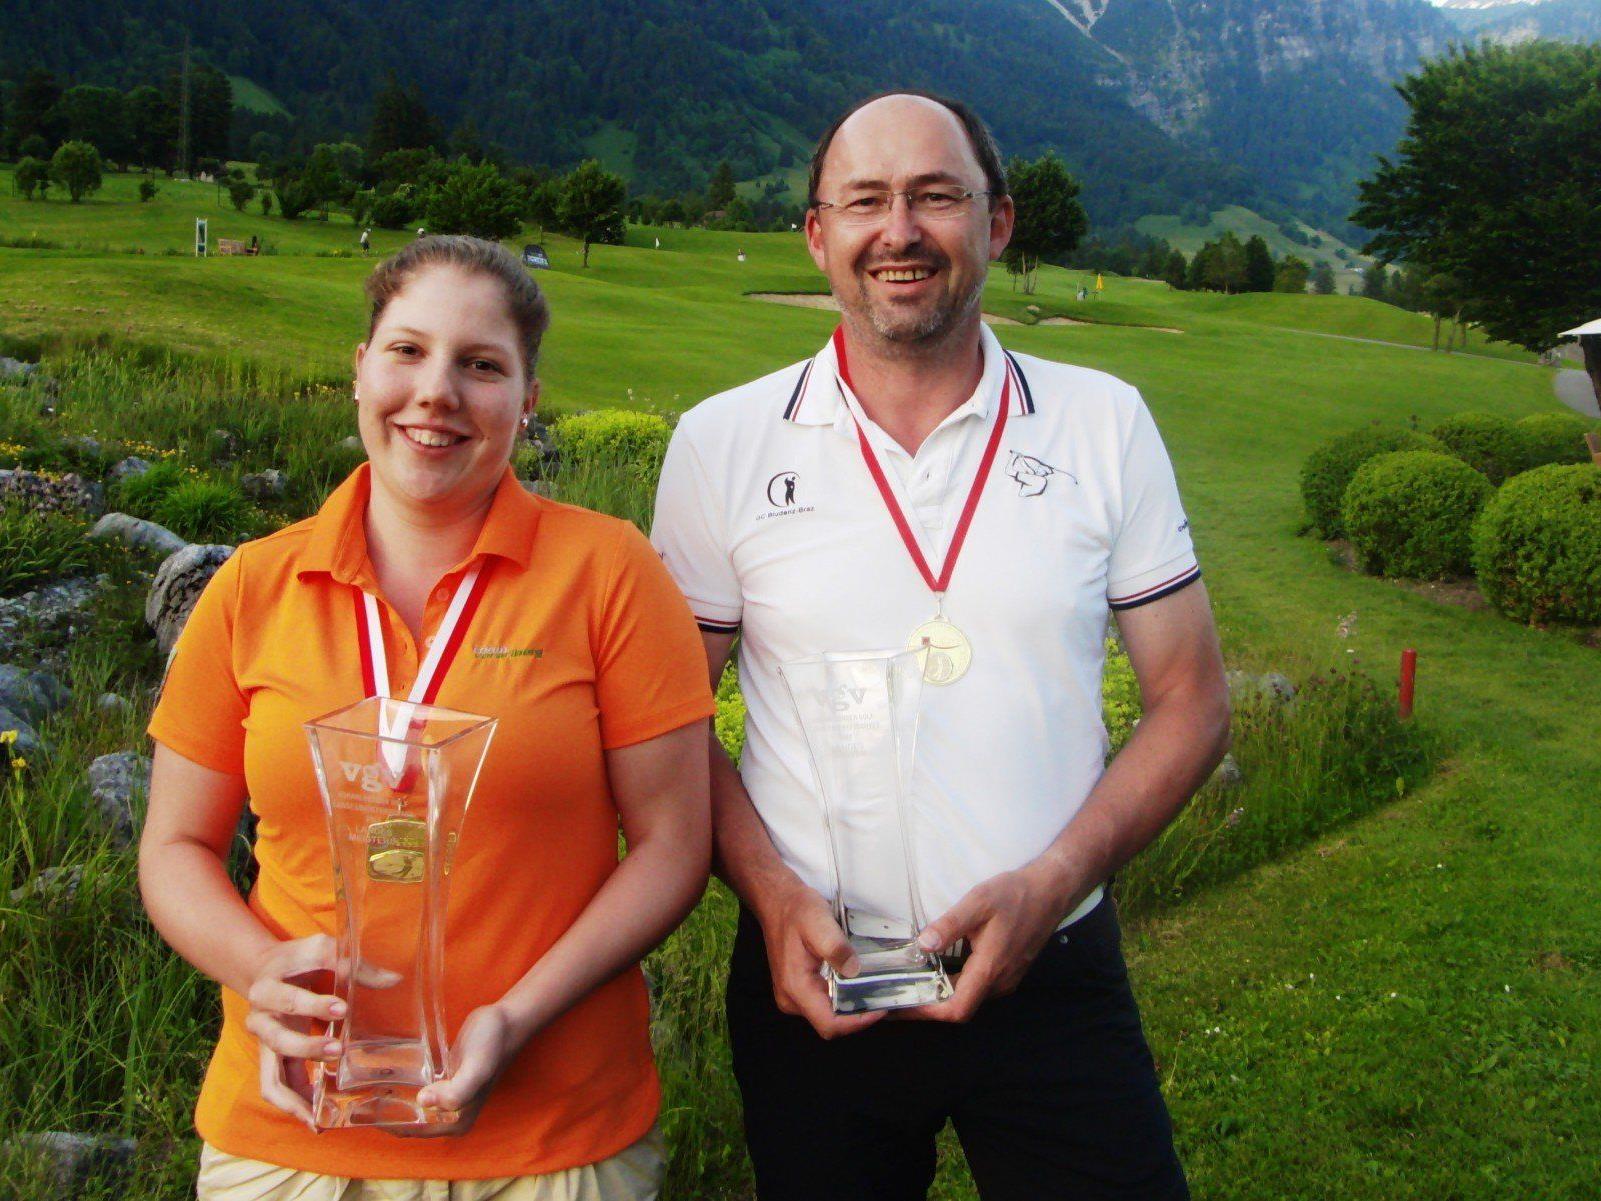 Die neuen Landesmeister im Golf: Schittl und Unterweger wurden der Favoritenrolle gerecht.